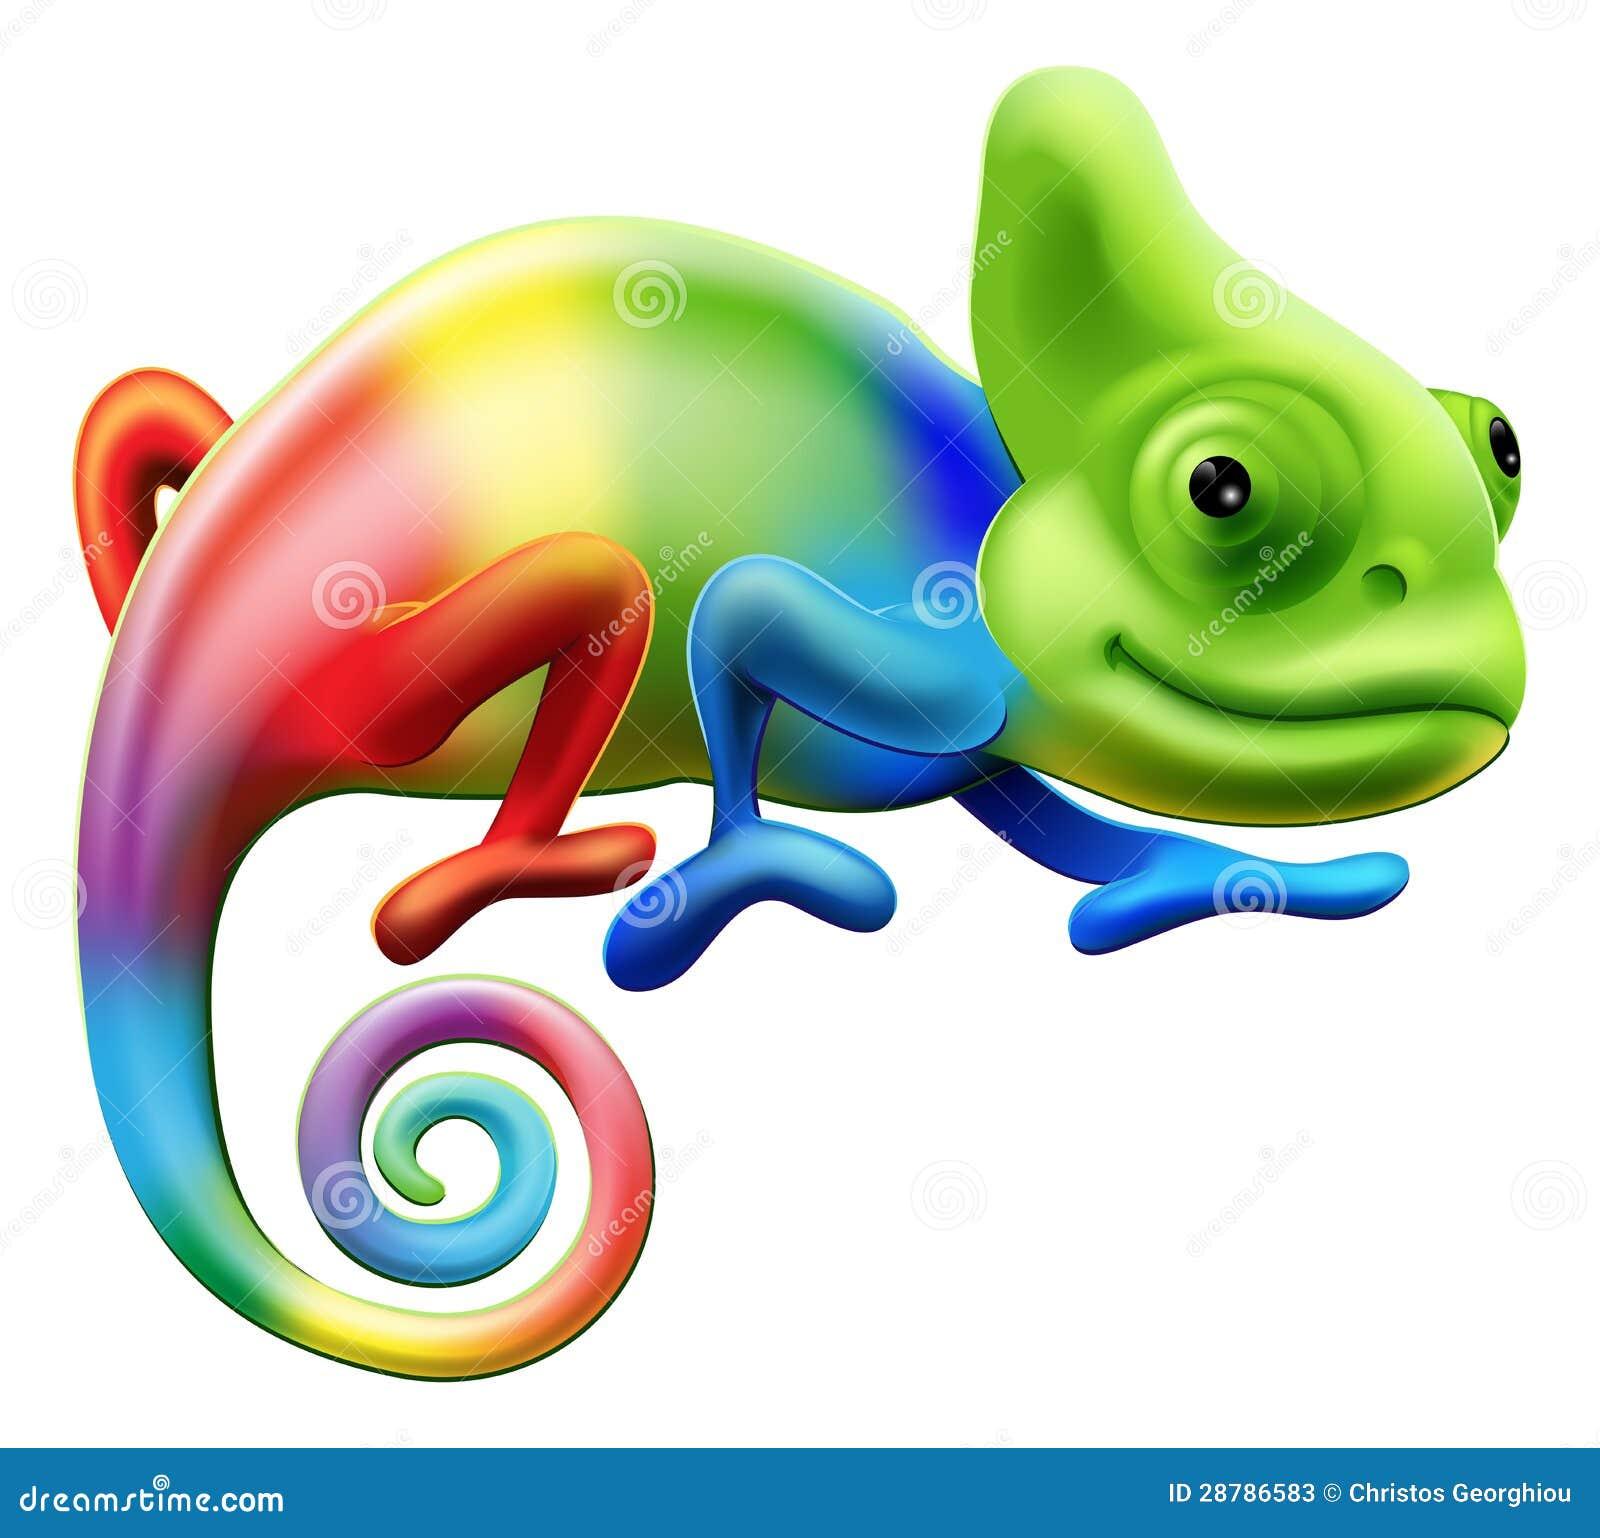 An illustration of a cartoon rainbow coloured chameleon.